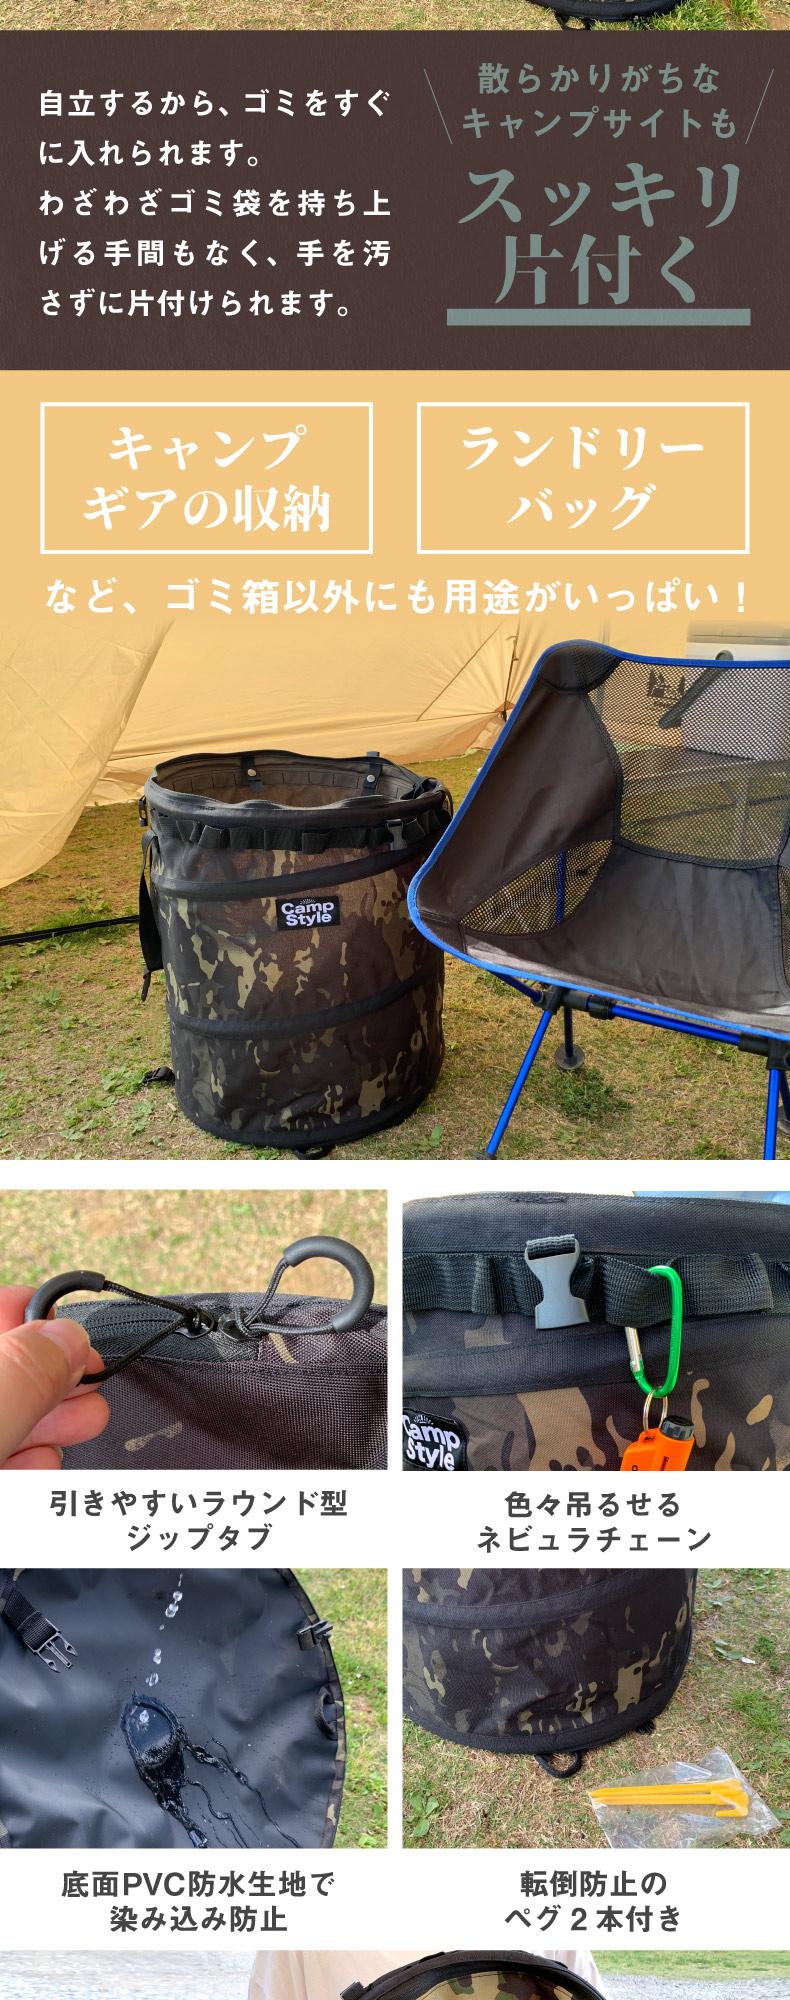 CampStyle オリジナル ポップアップ トラッシュボックス折りたたみ ゴミ箱 キャンプ用品 収納 大容量 コンパクト